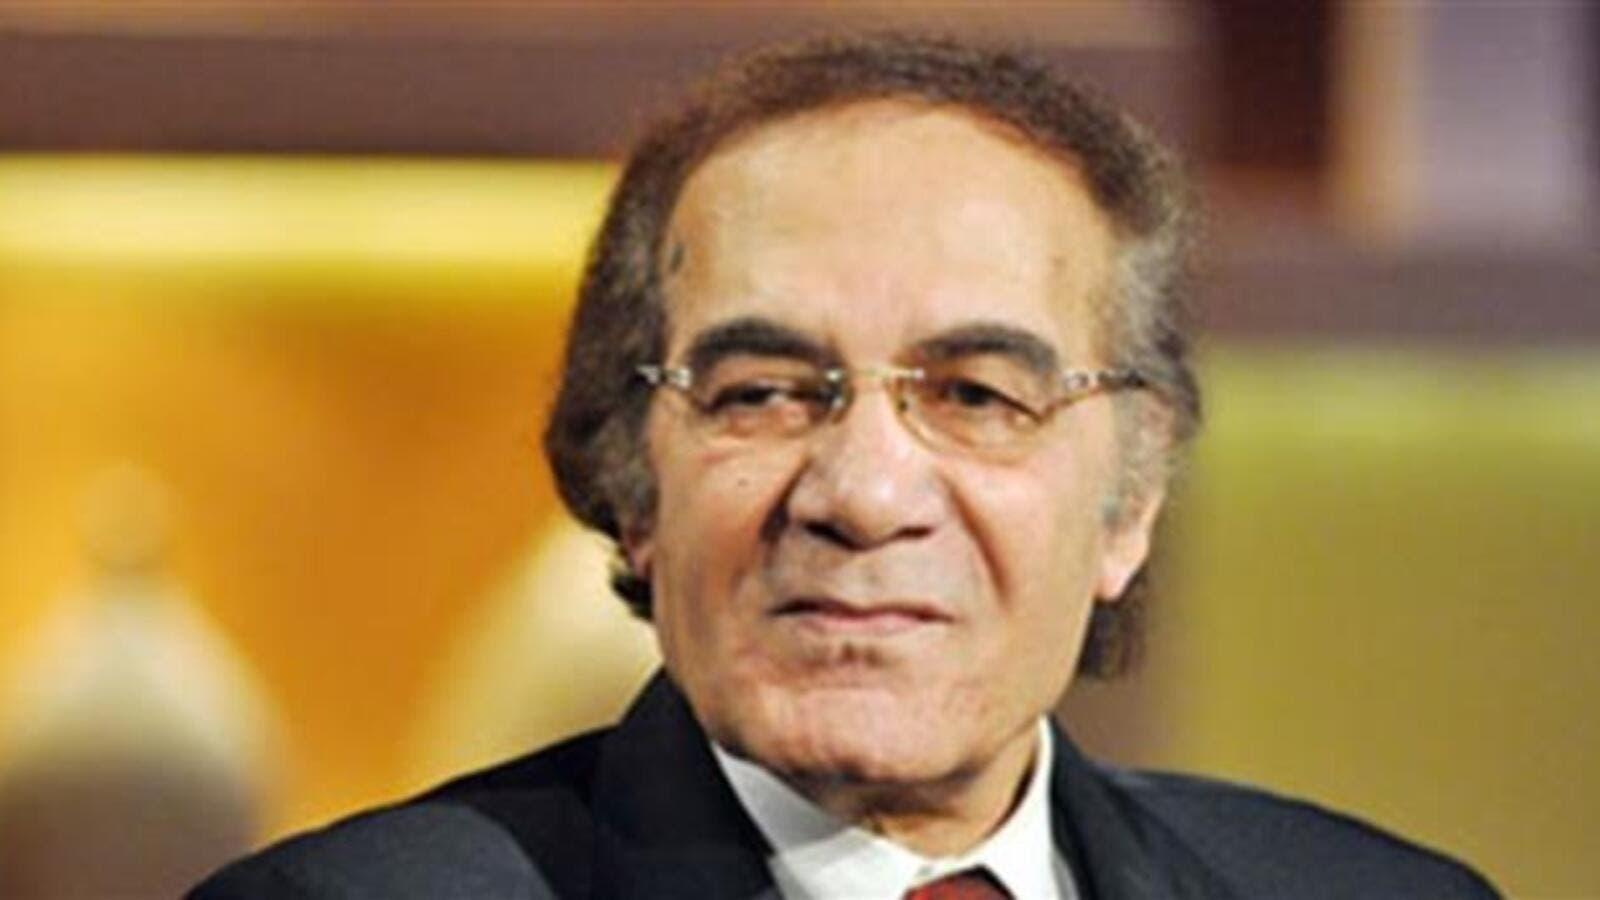 وفاة الفنان محمود ياسين عن عمر ناهز 79 عاما فكر وفن شرق وغرب البيان